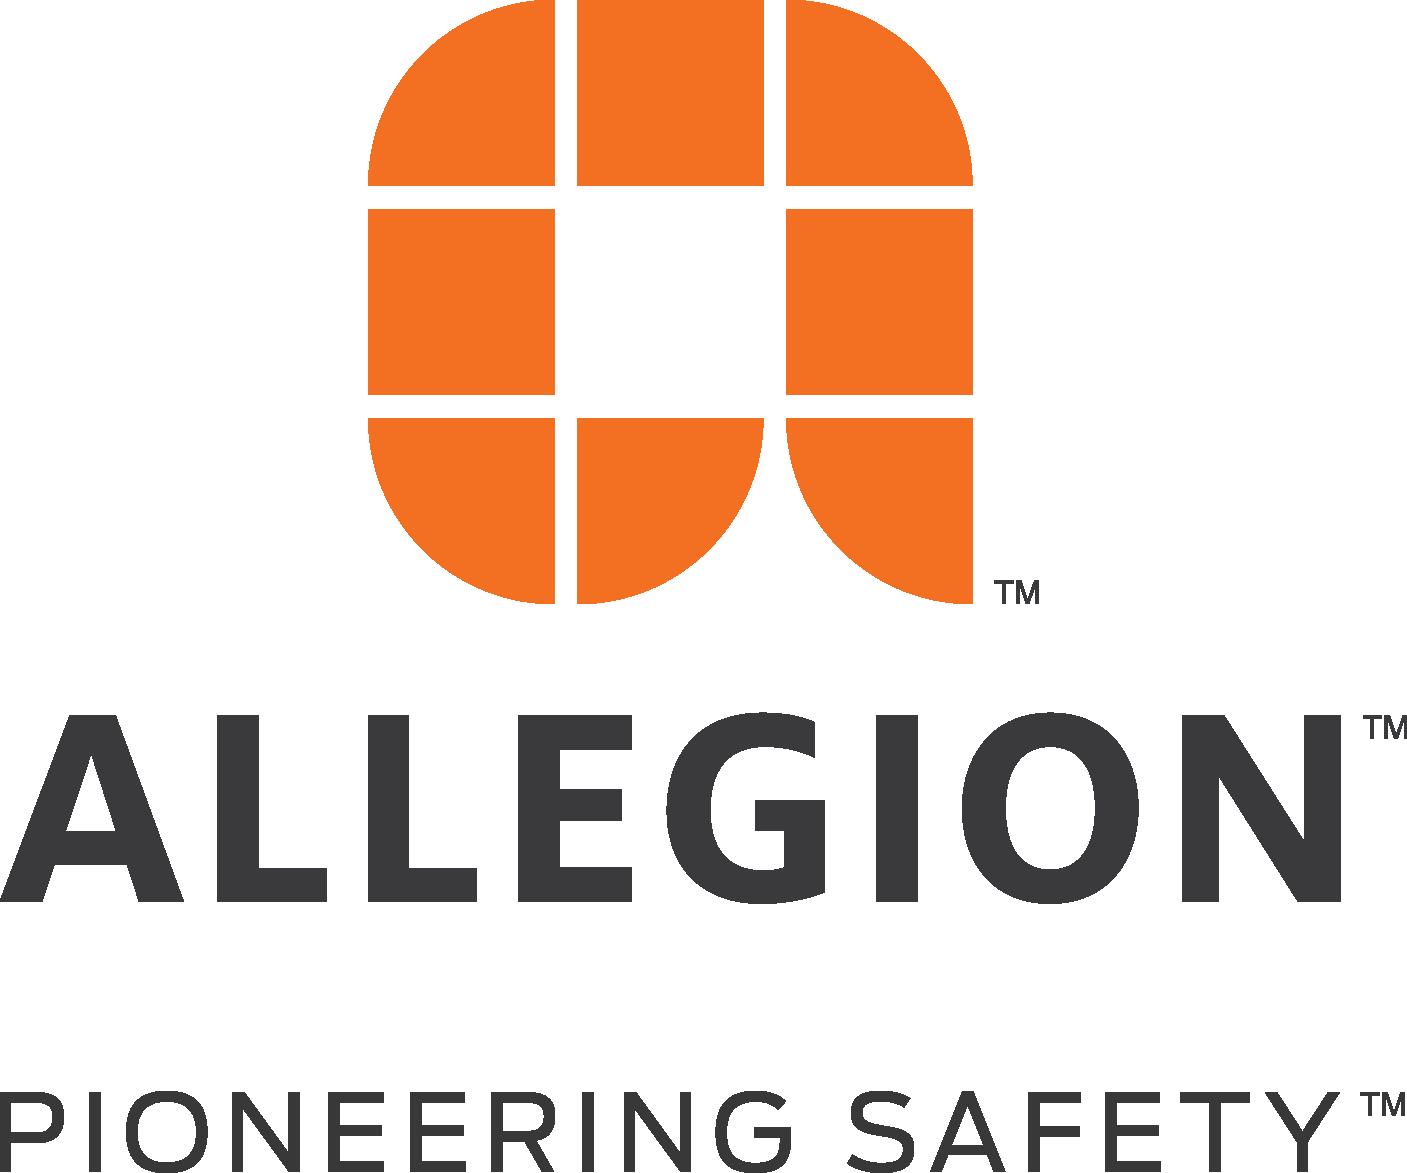 Allegion plc